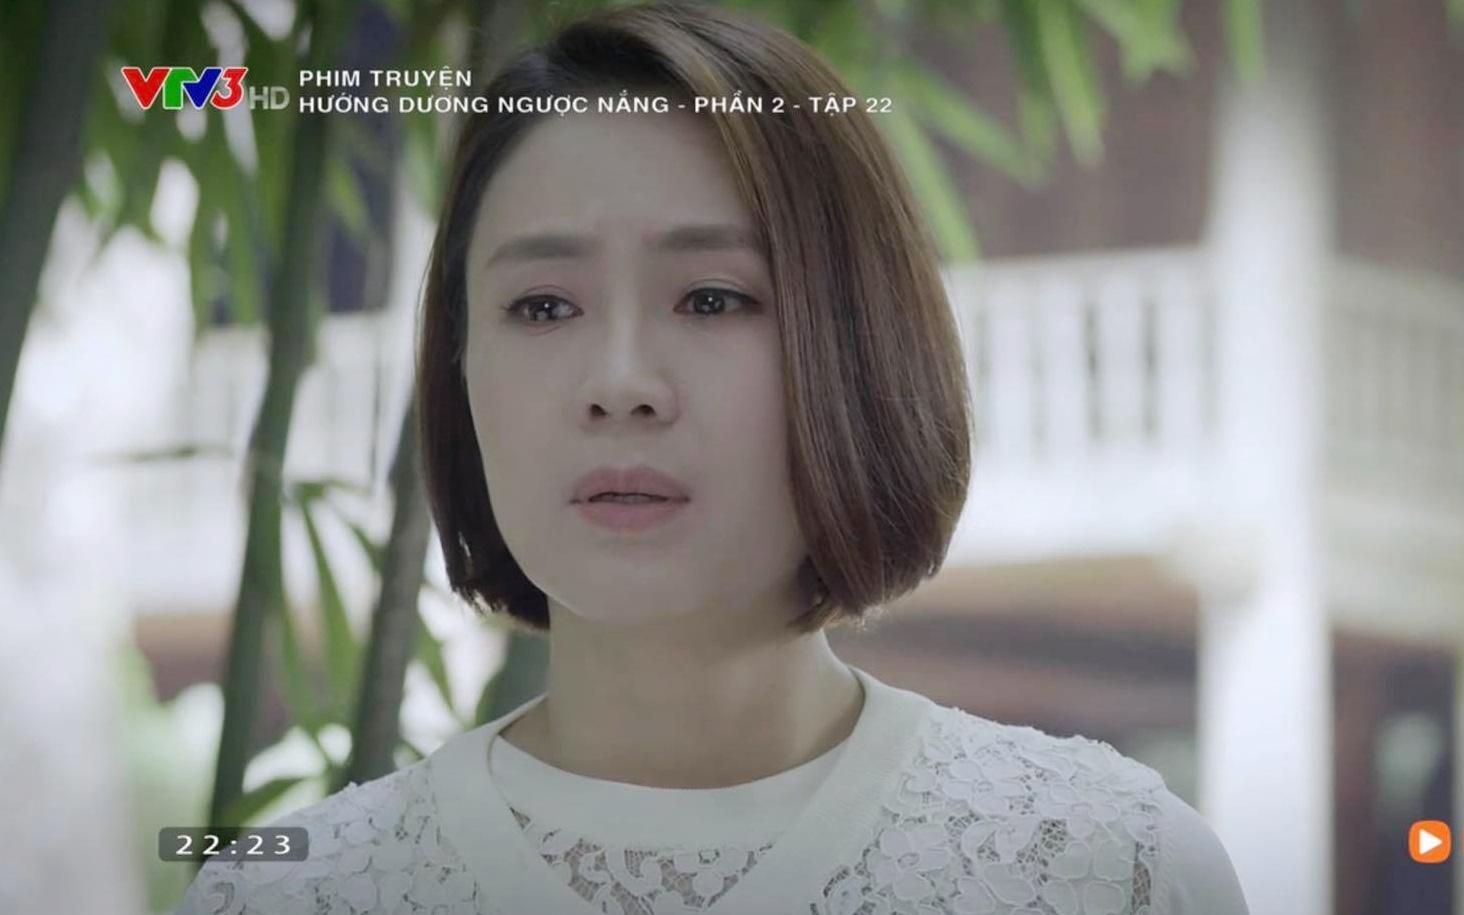 """Hướng dương ngược nắng: Châu khóc hối hận khi suýt hại Minh, Kiên vẫn """"mặt dày"""" tìm đến tận nhà đòi gặp tình cũ"""